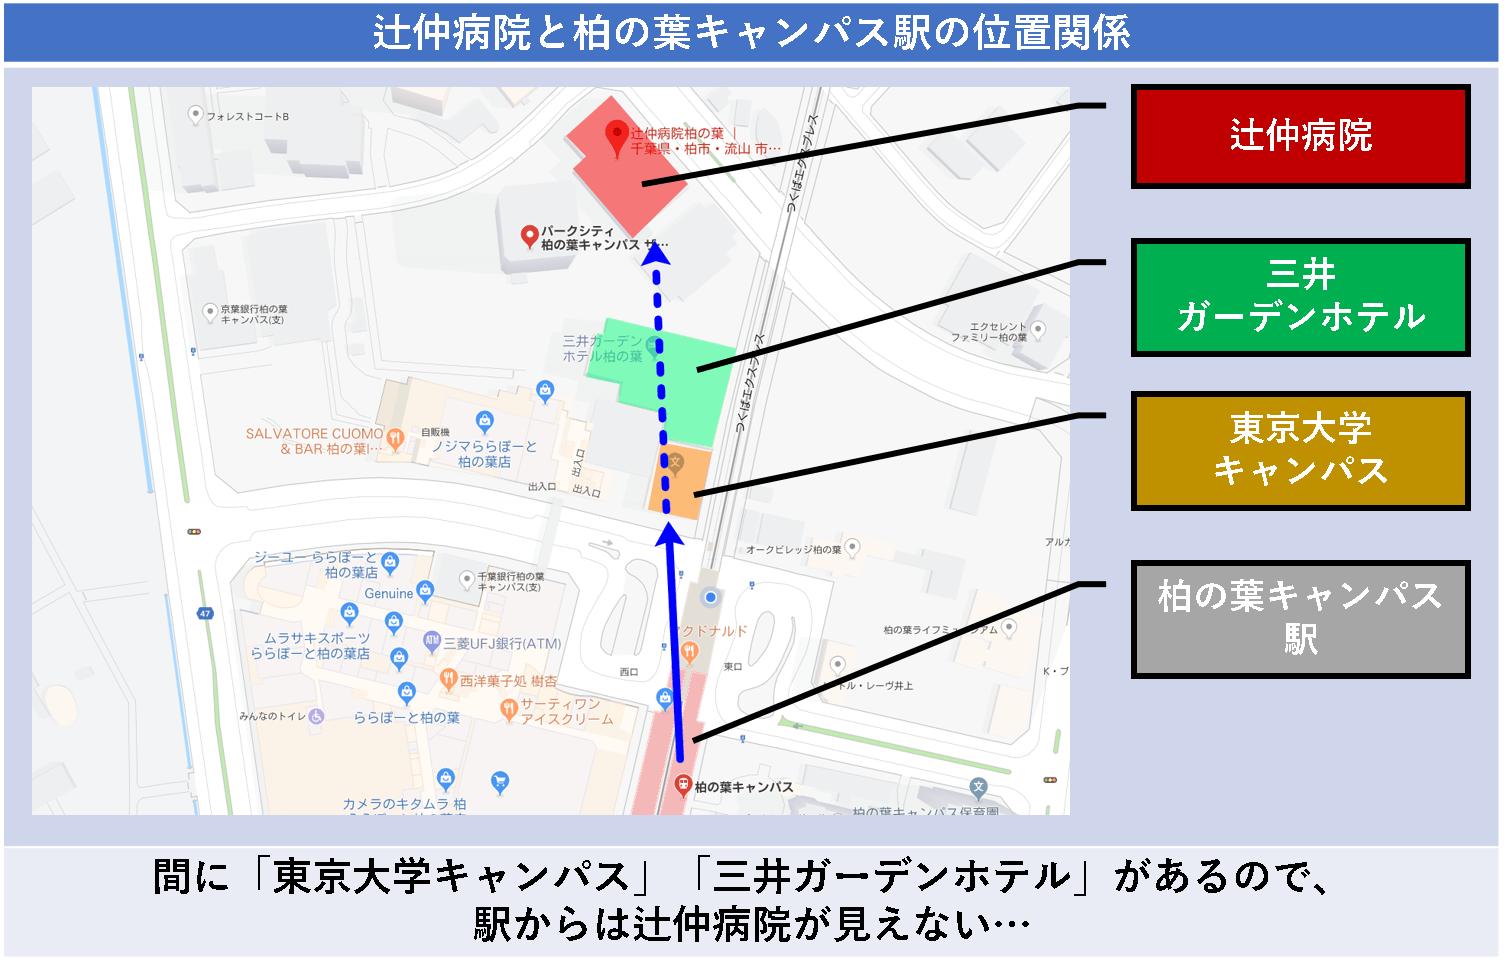 辻仲病院と柏の葉キャンパス駅の位置関係